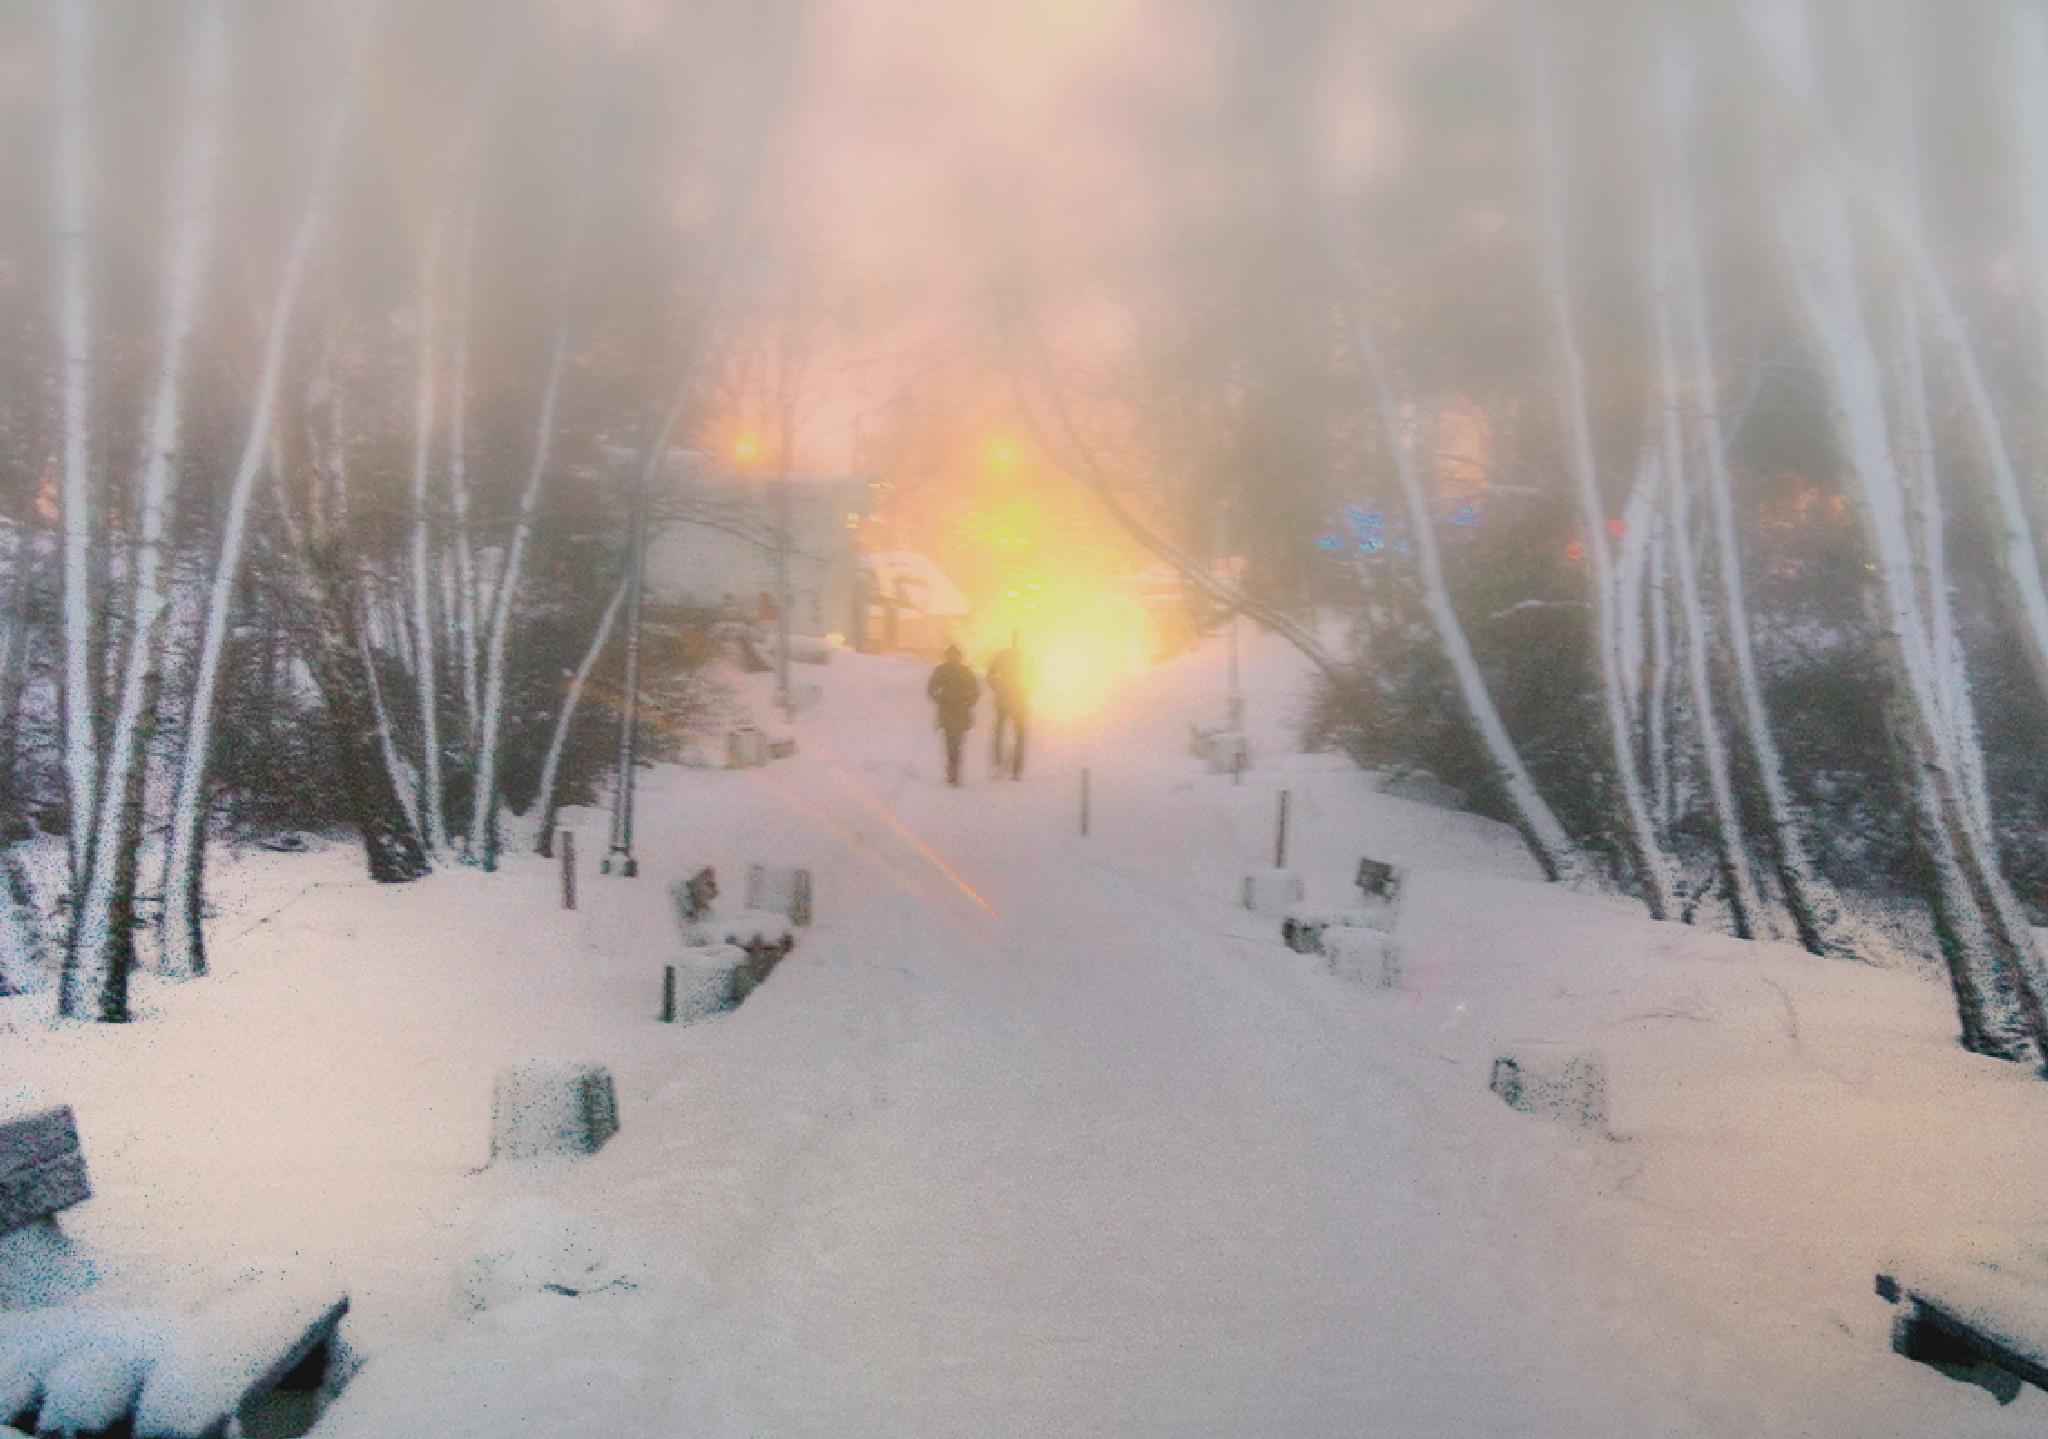 Zimowe słońce by zbych41